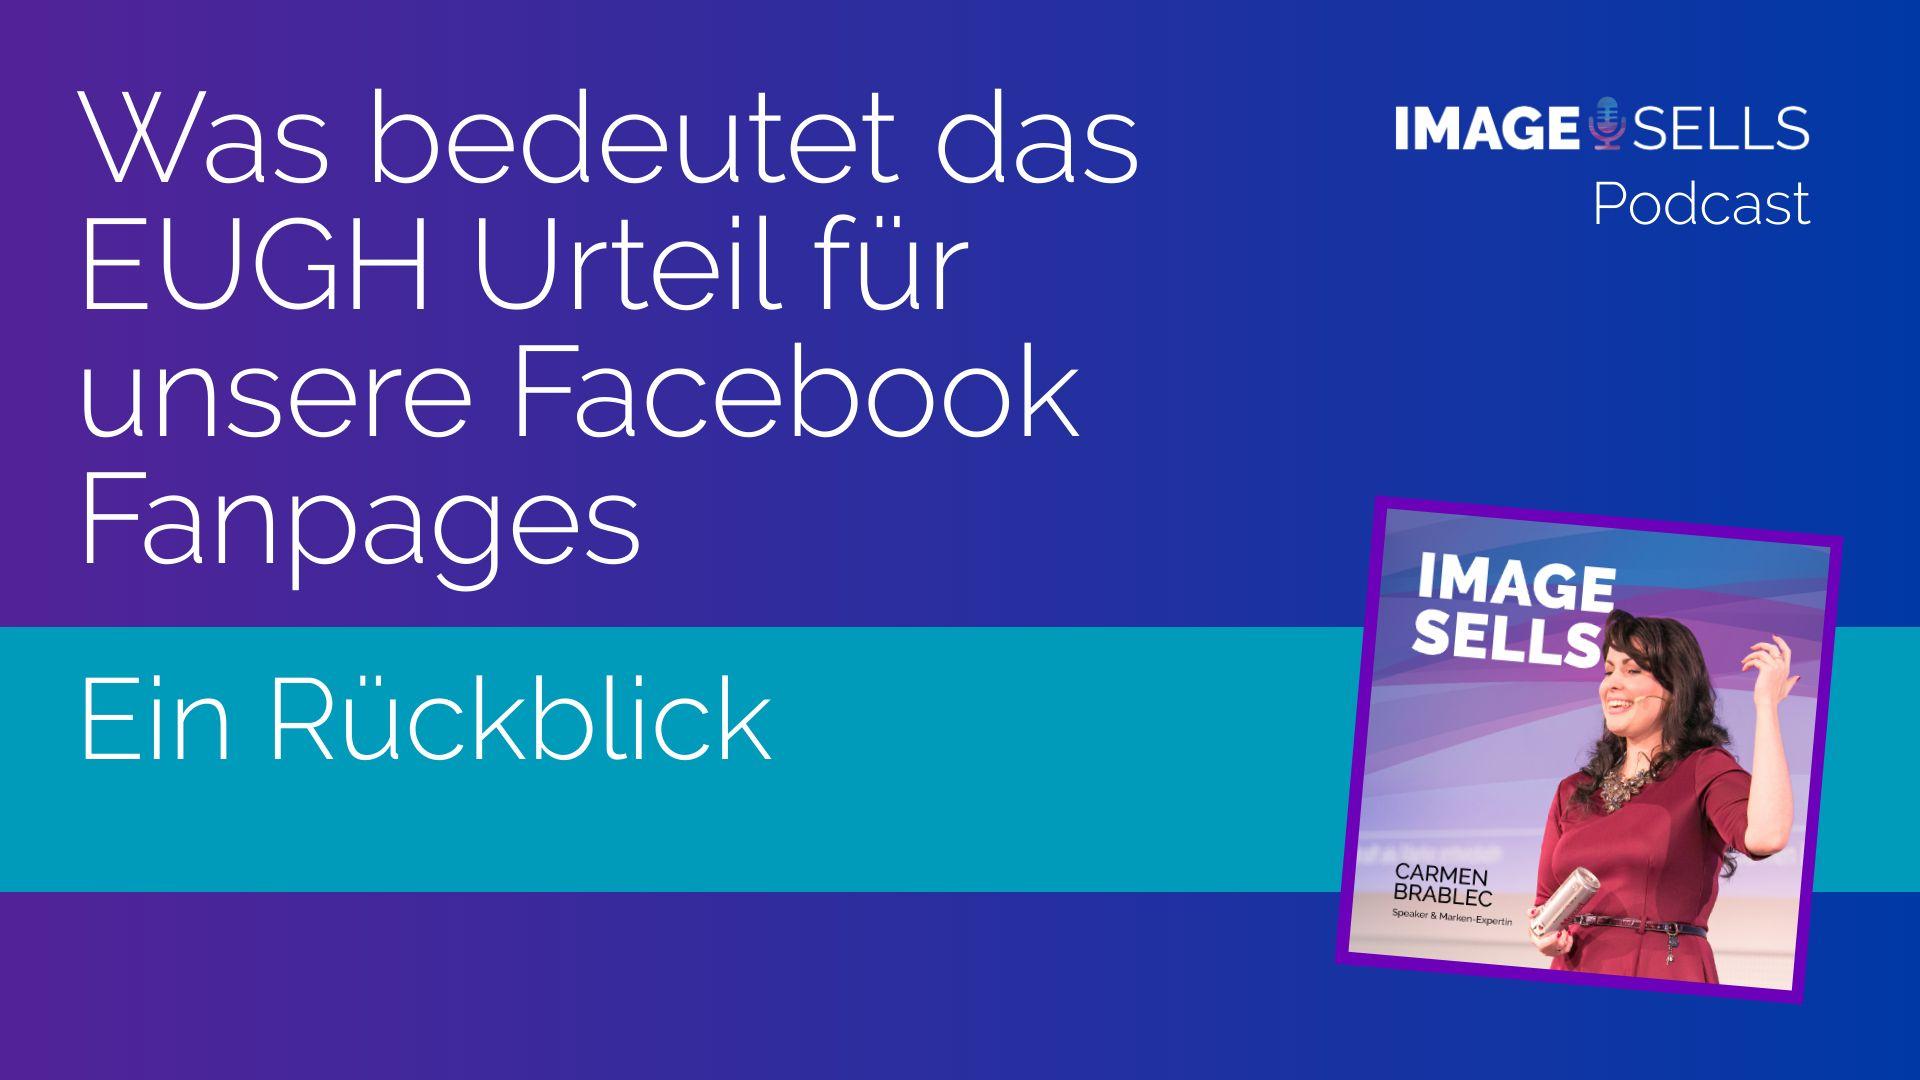 Was bedeutet das EUGH Urteil für unsere Facebook-Fanpages? – ISP #033